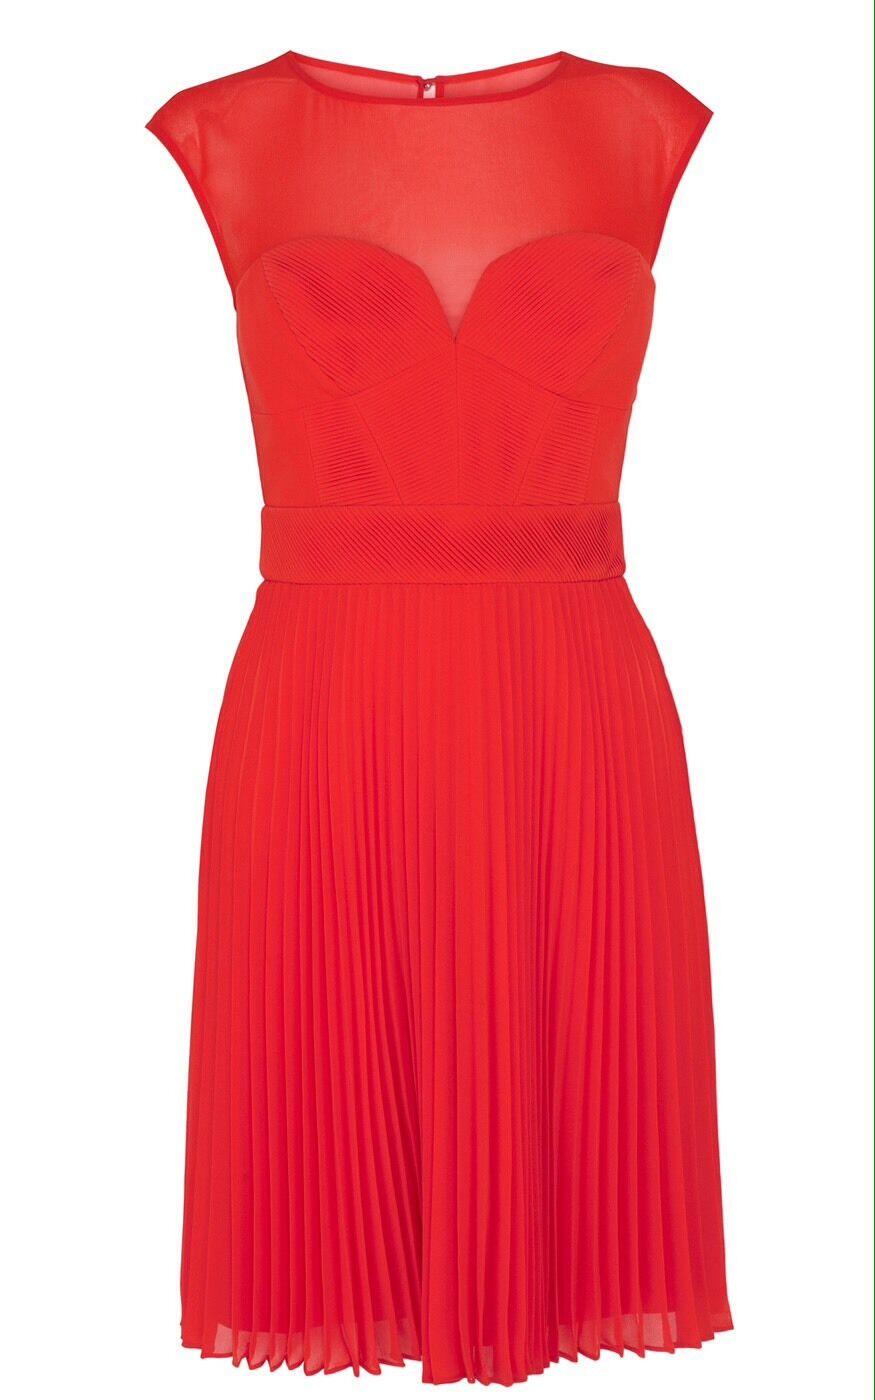 EXQUISITE Karen Millen Orange Pleated Dress